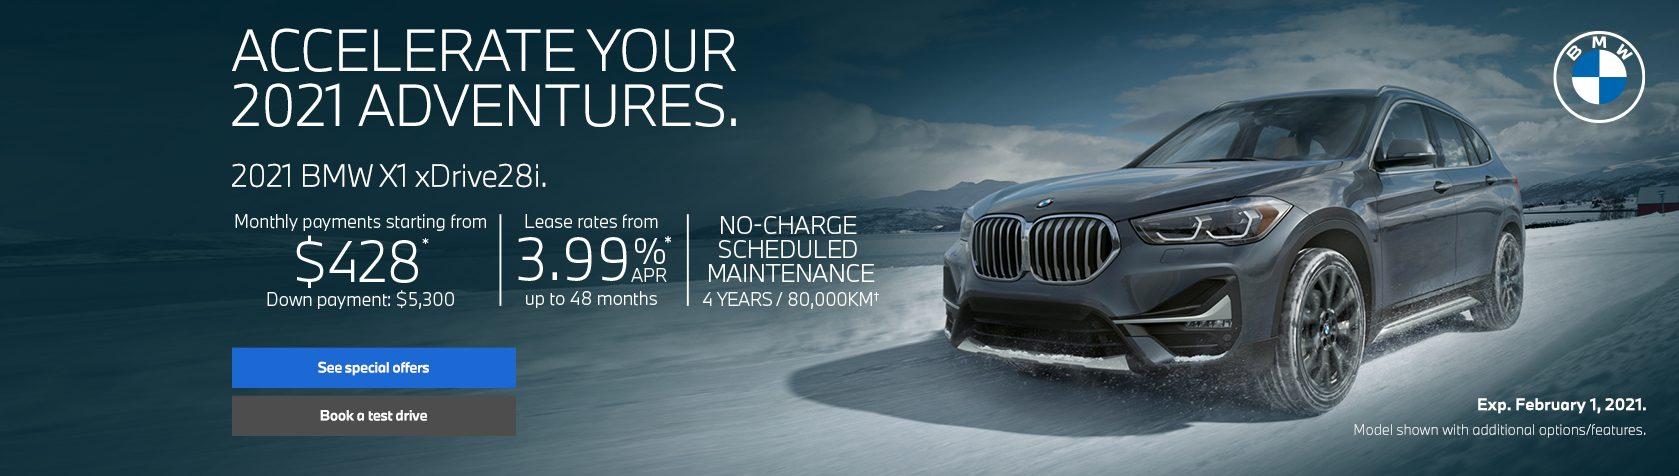 BMW X1 Offers